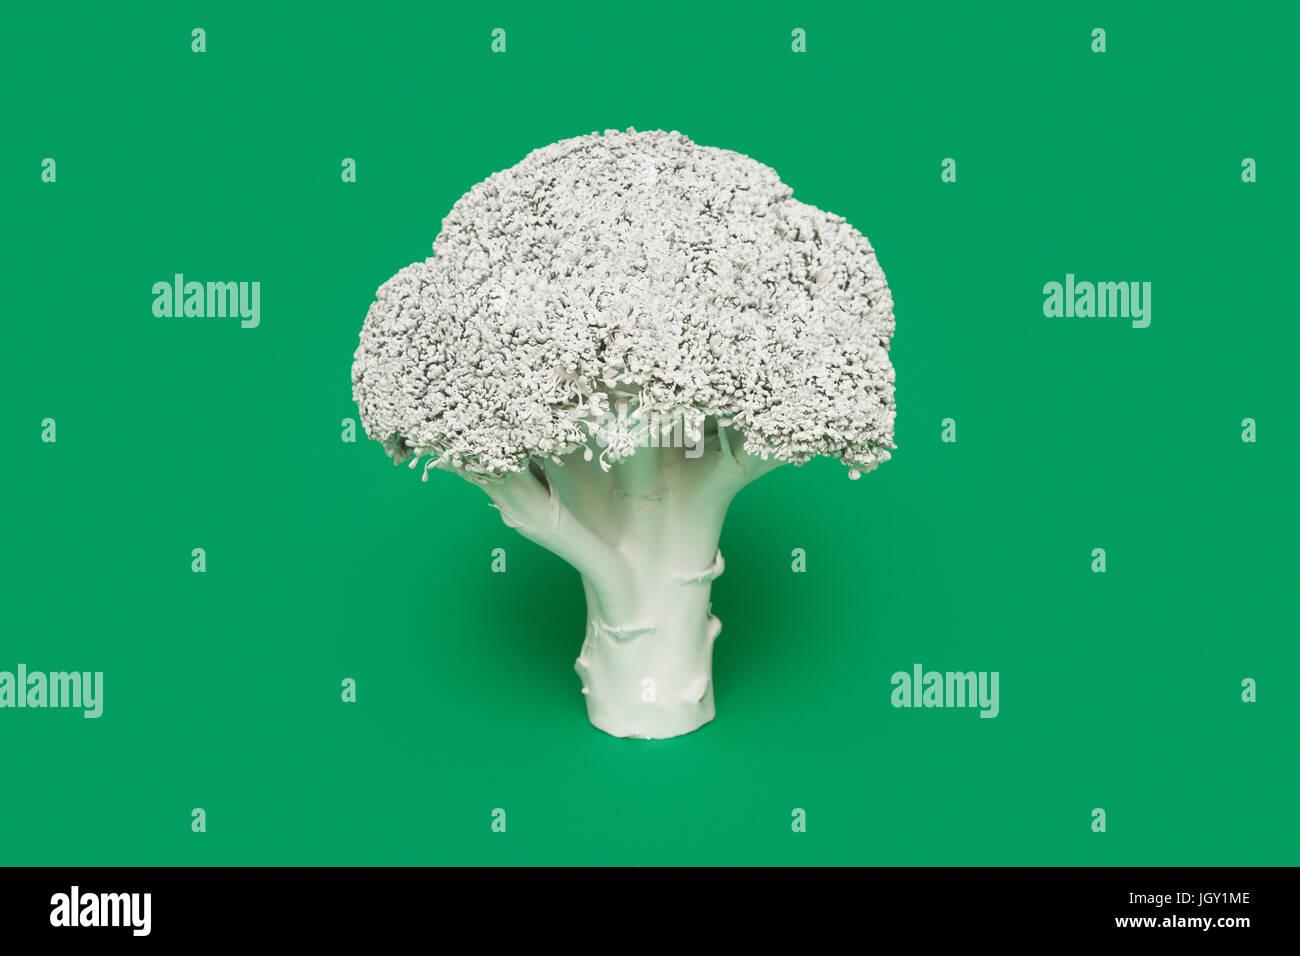 Broccoli dipinto di bianco su sfondo verde Immagini Stock